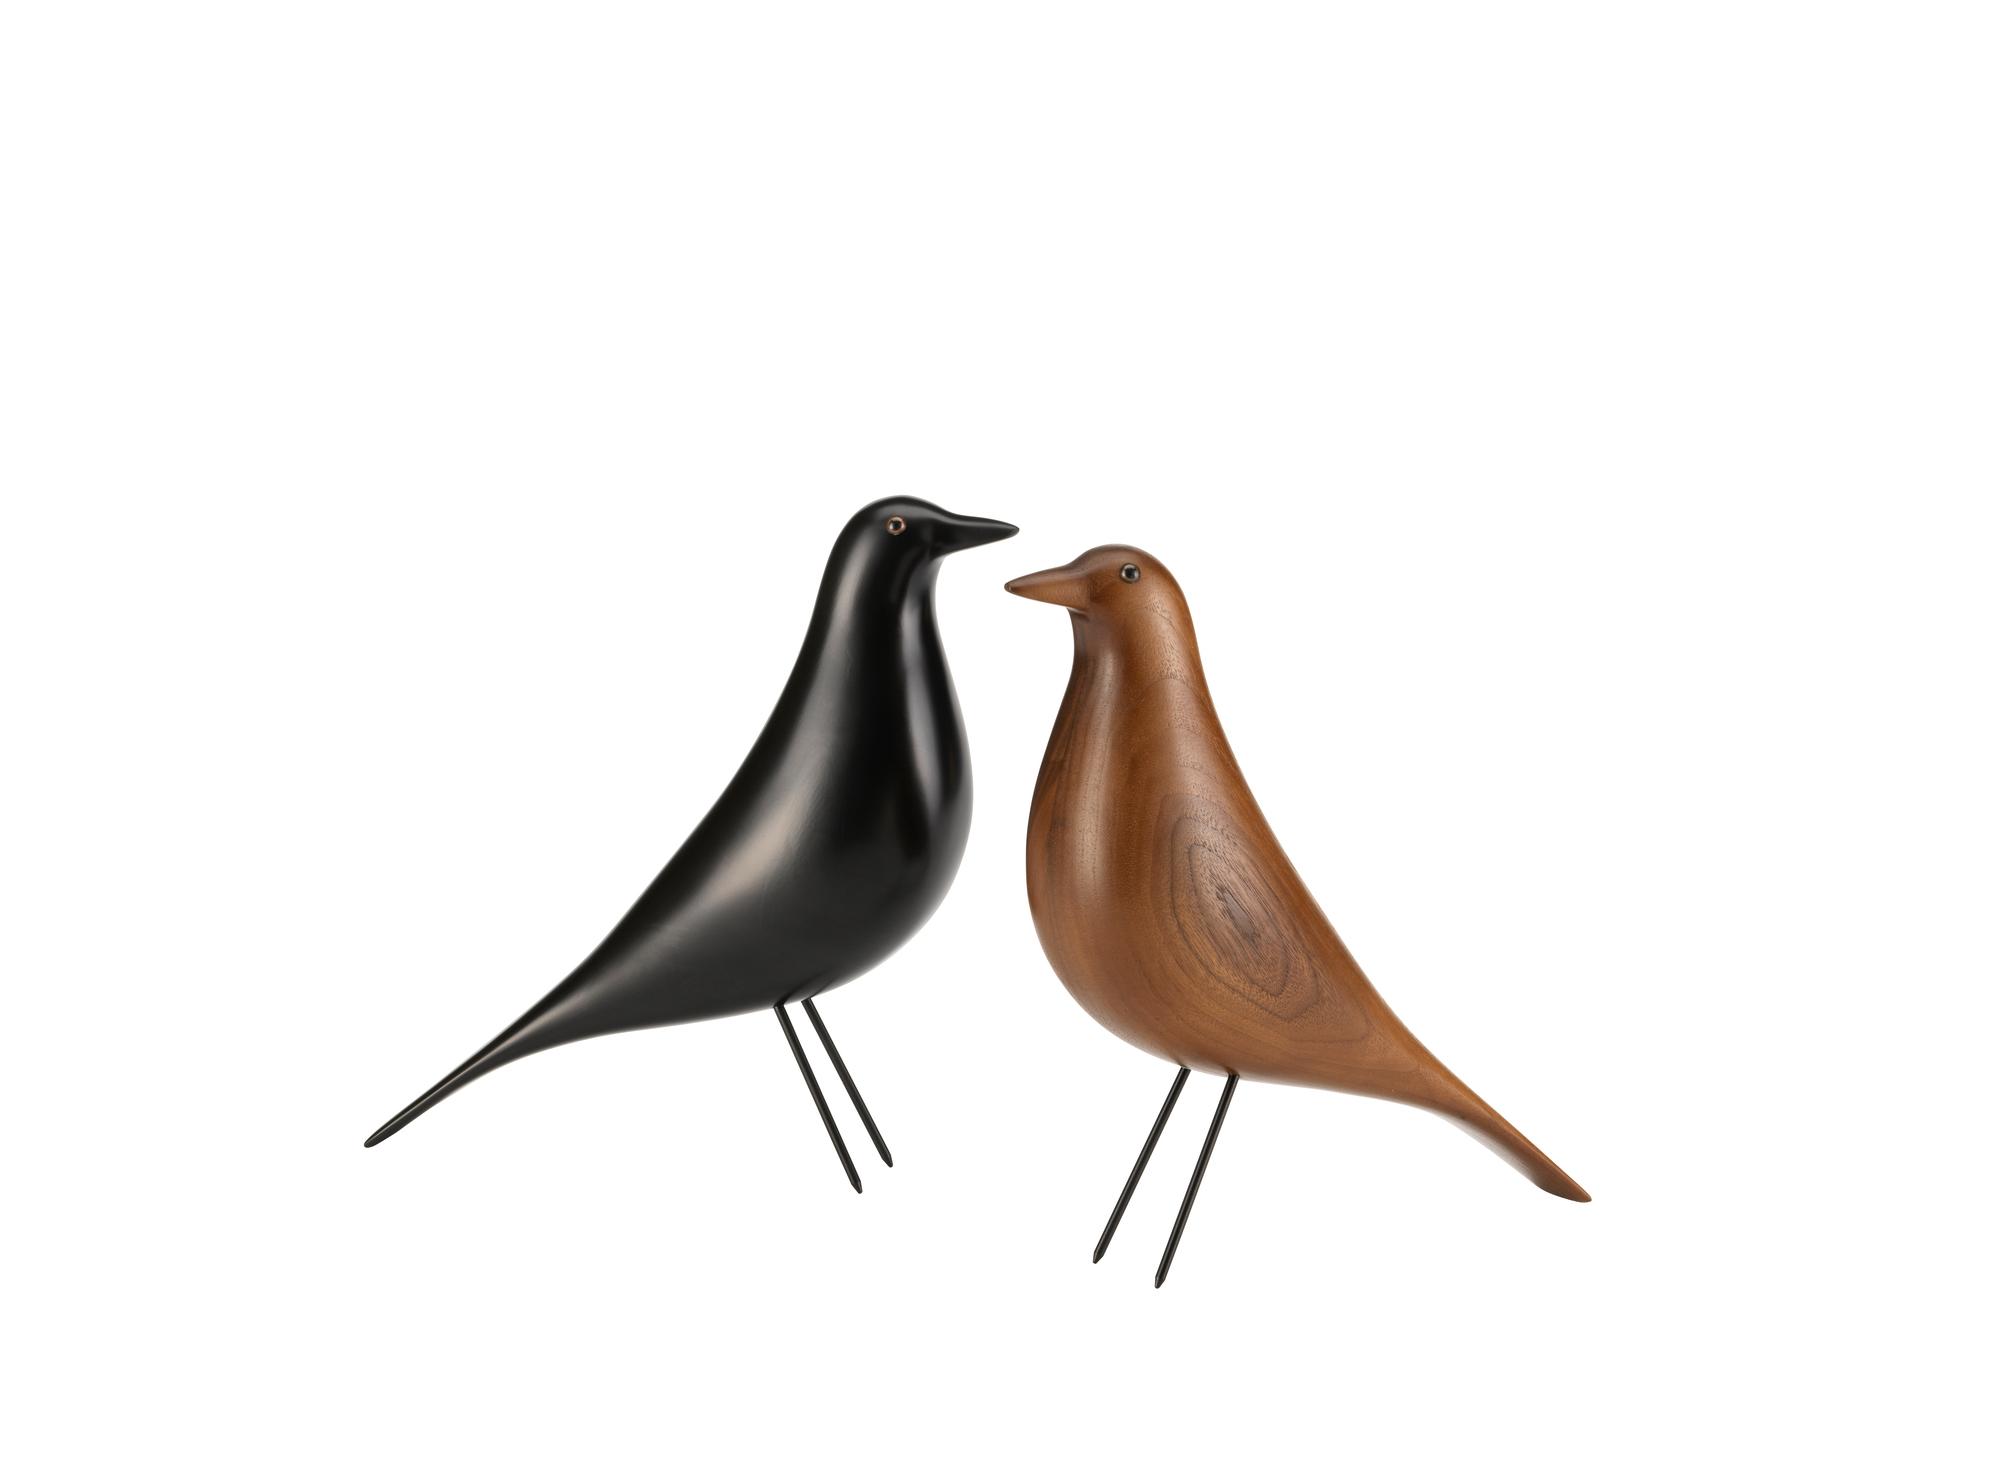 Eames House Bird sculpture Vitra